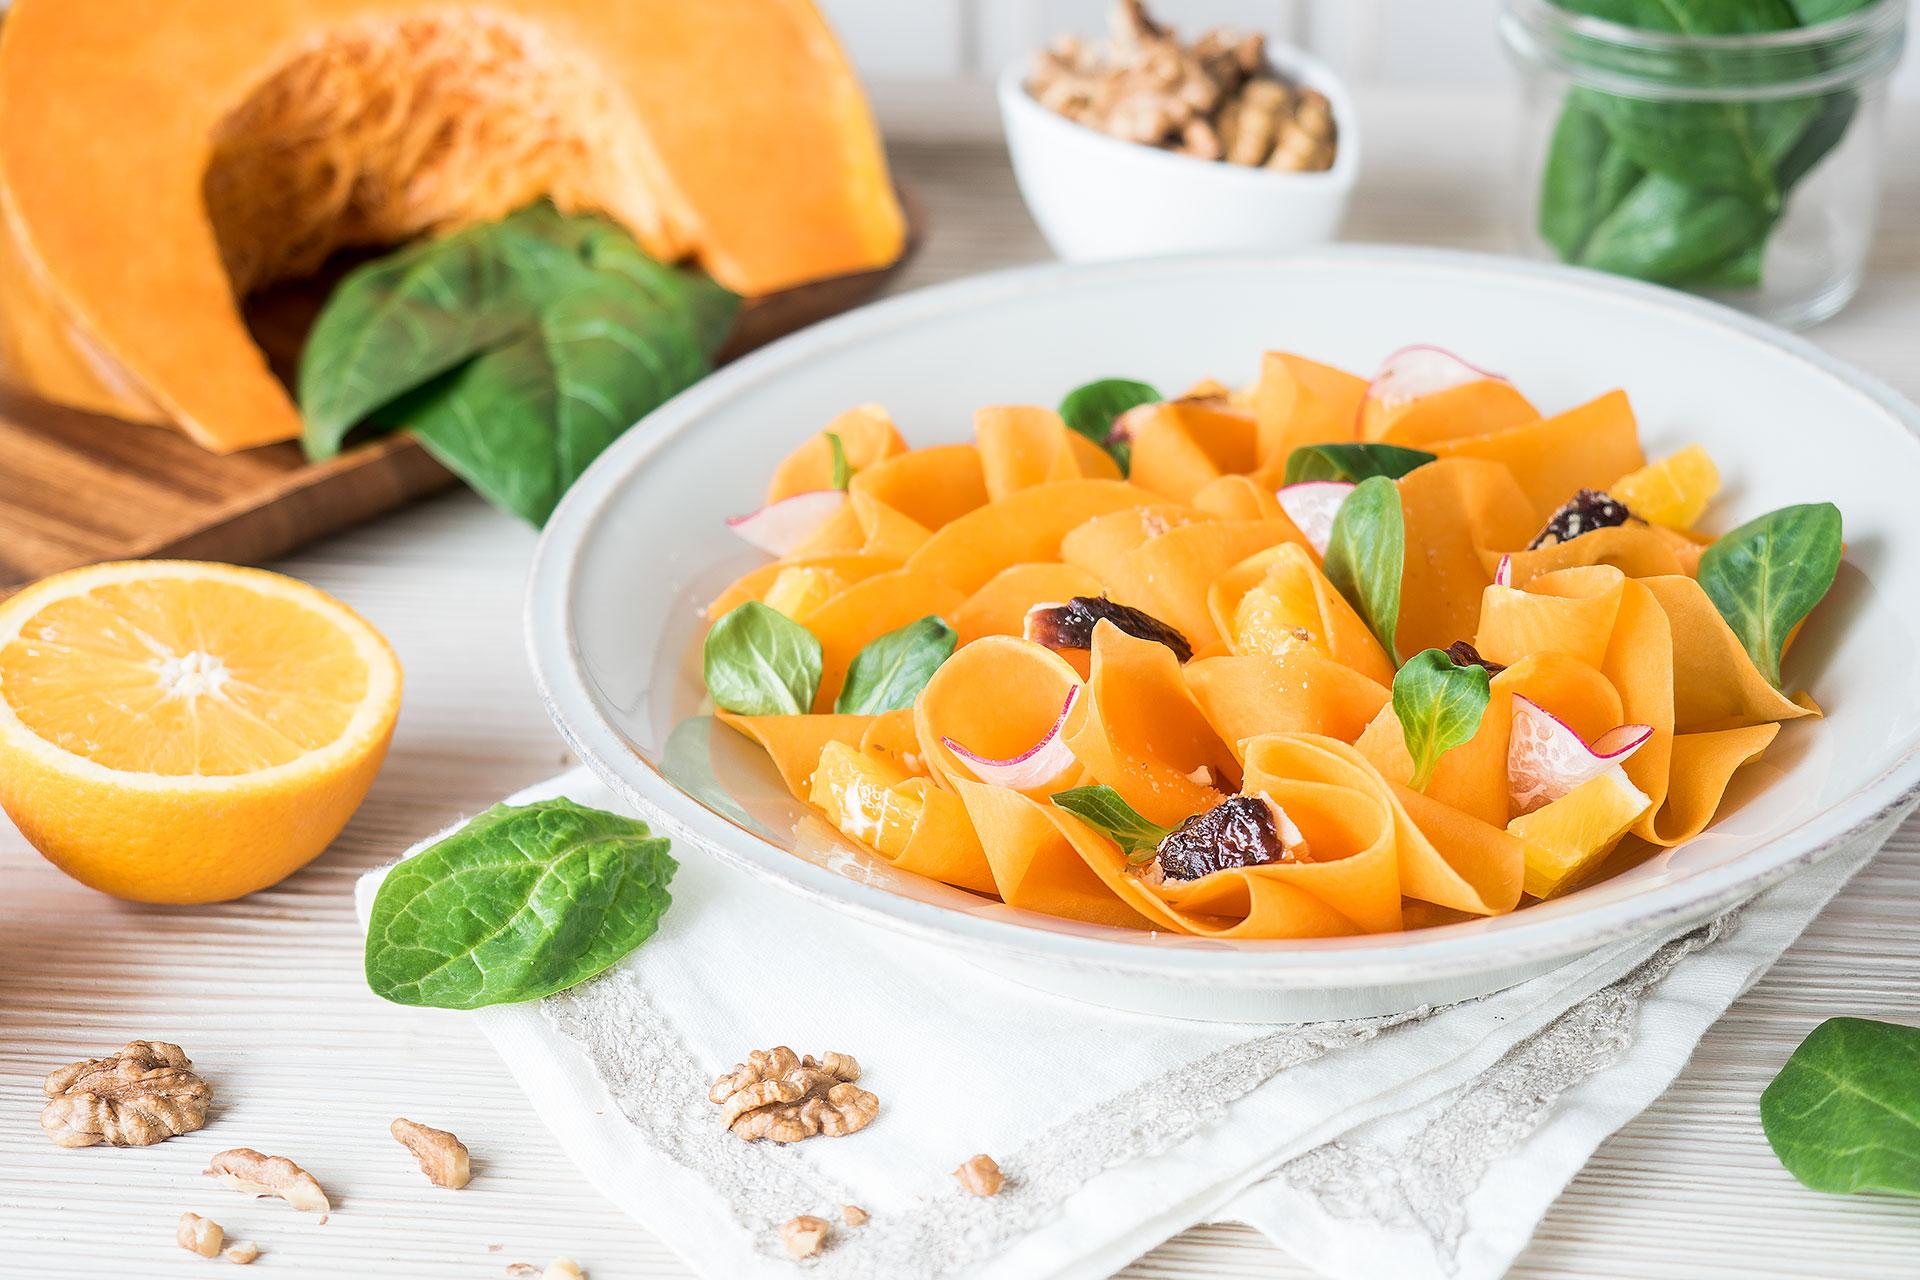 Ресторан Дом-кафе - Оранжевый салат